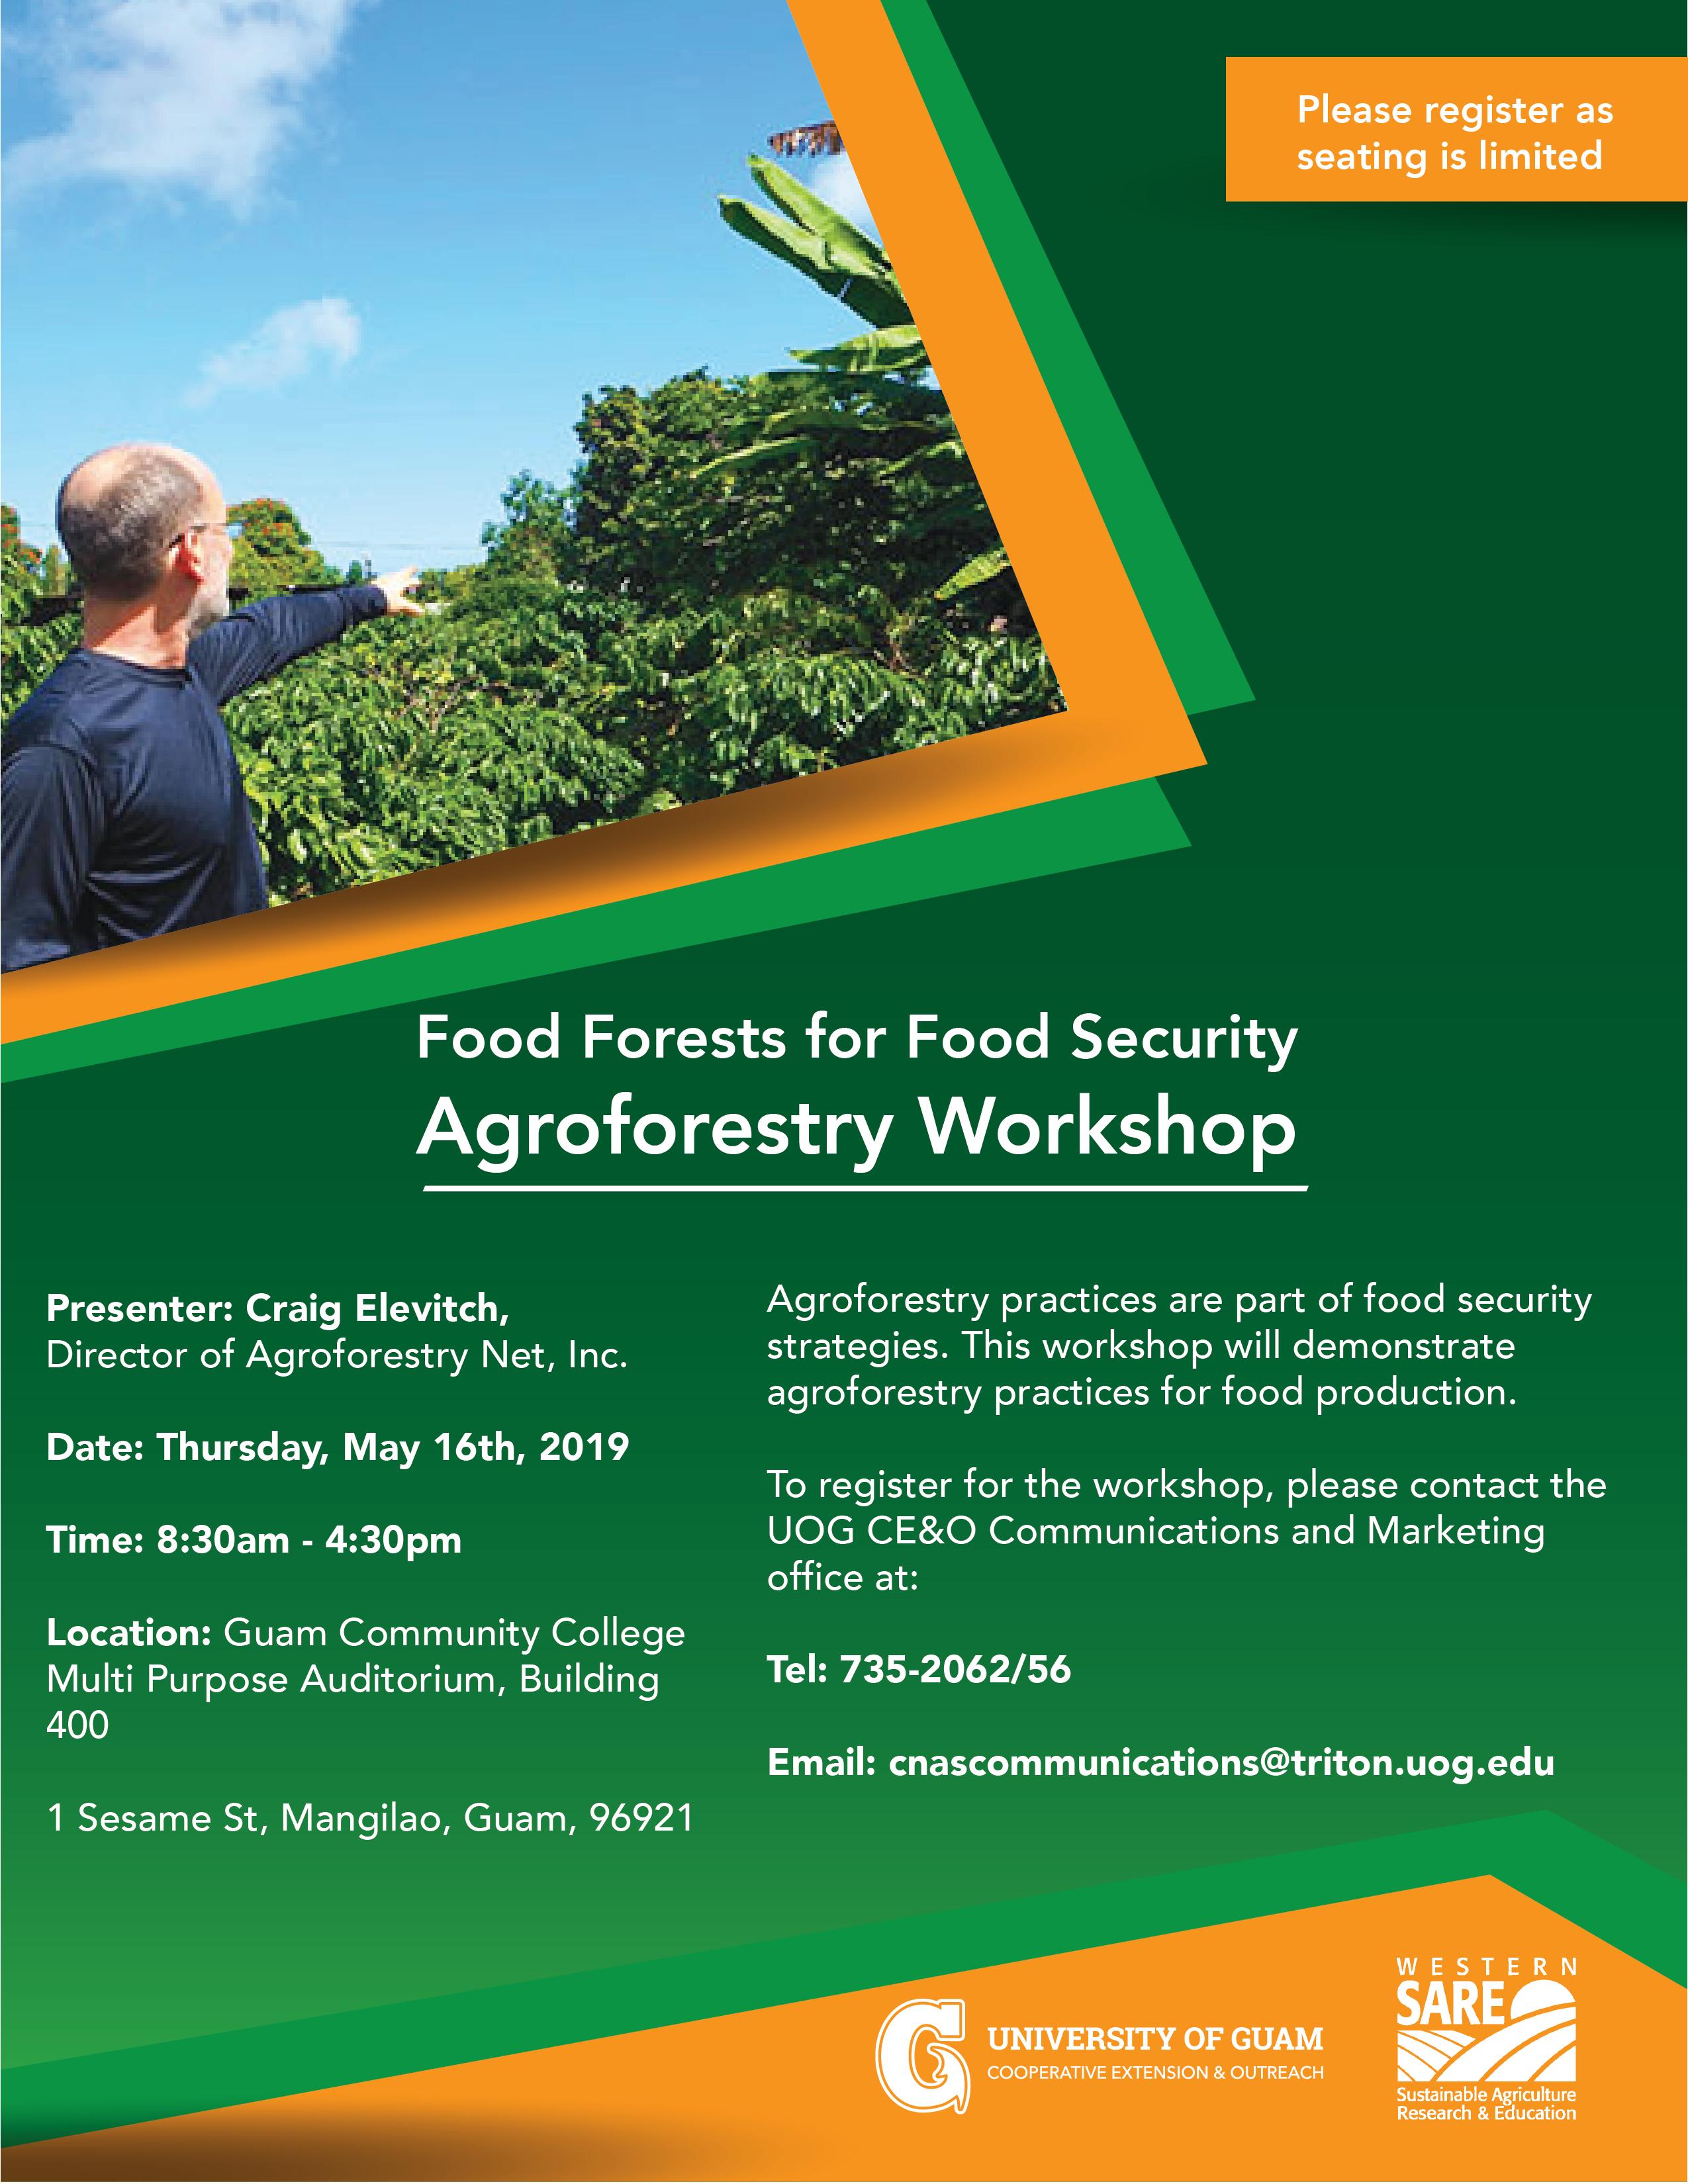 Food Forests for Food Security: Agroforestry Workshop